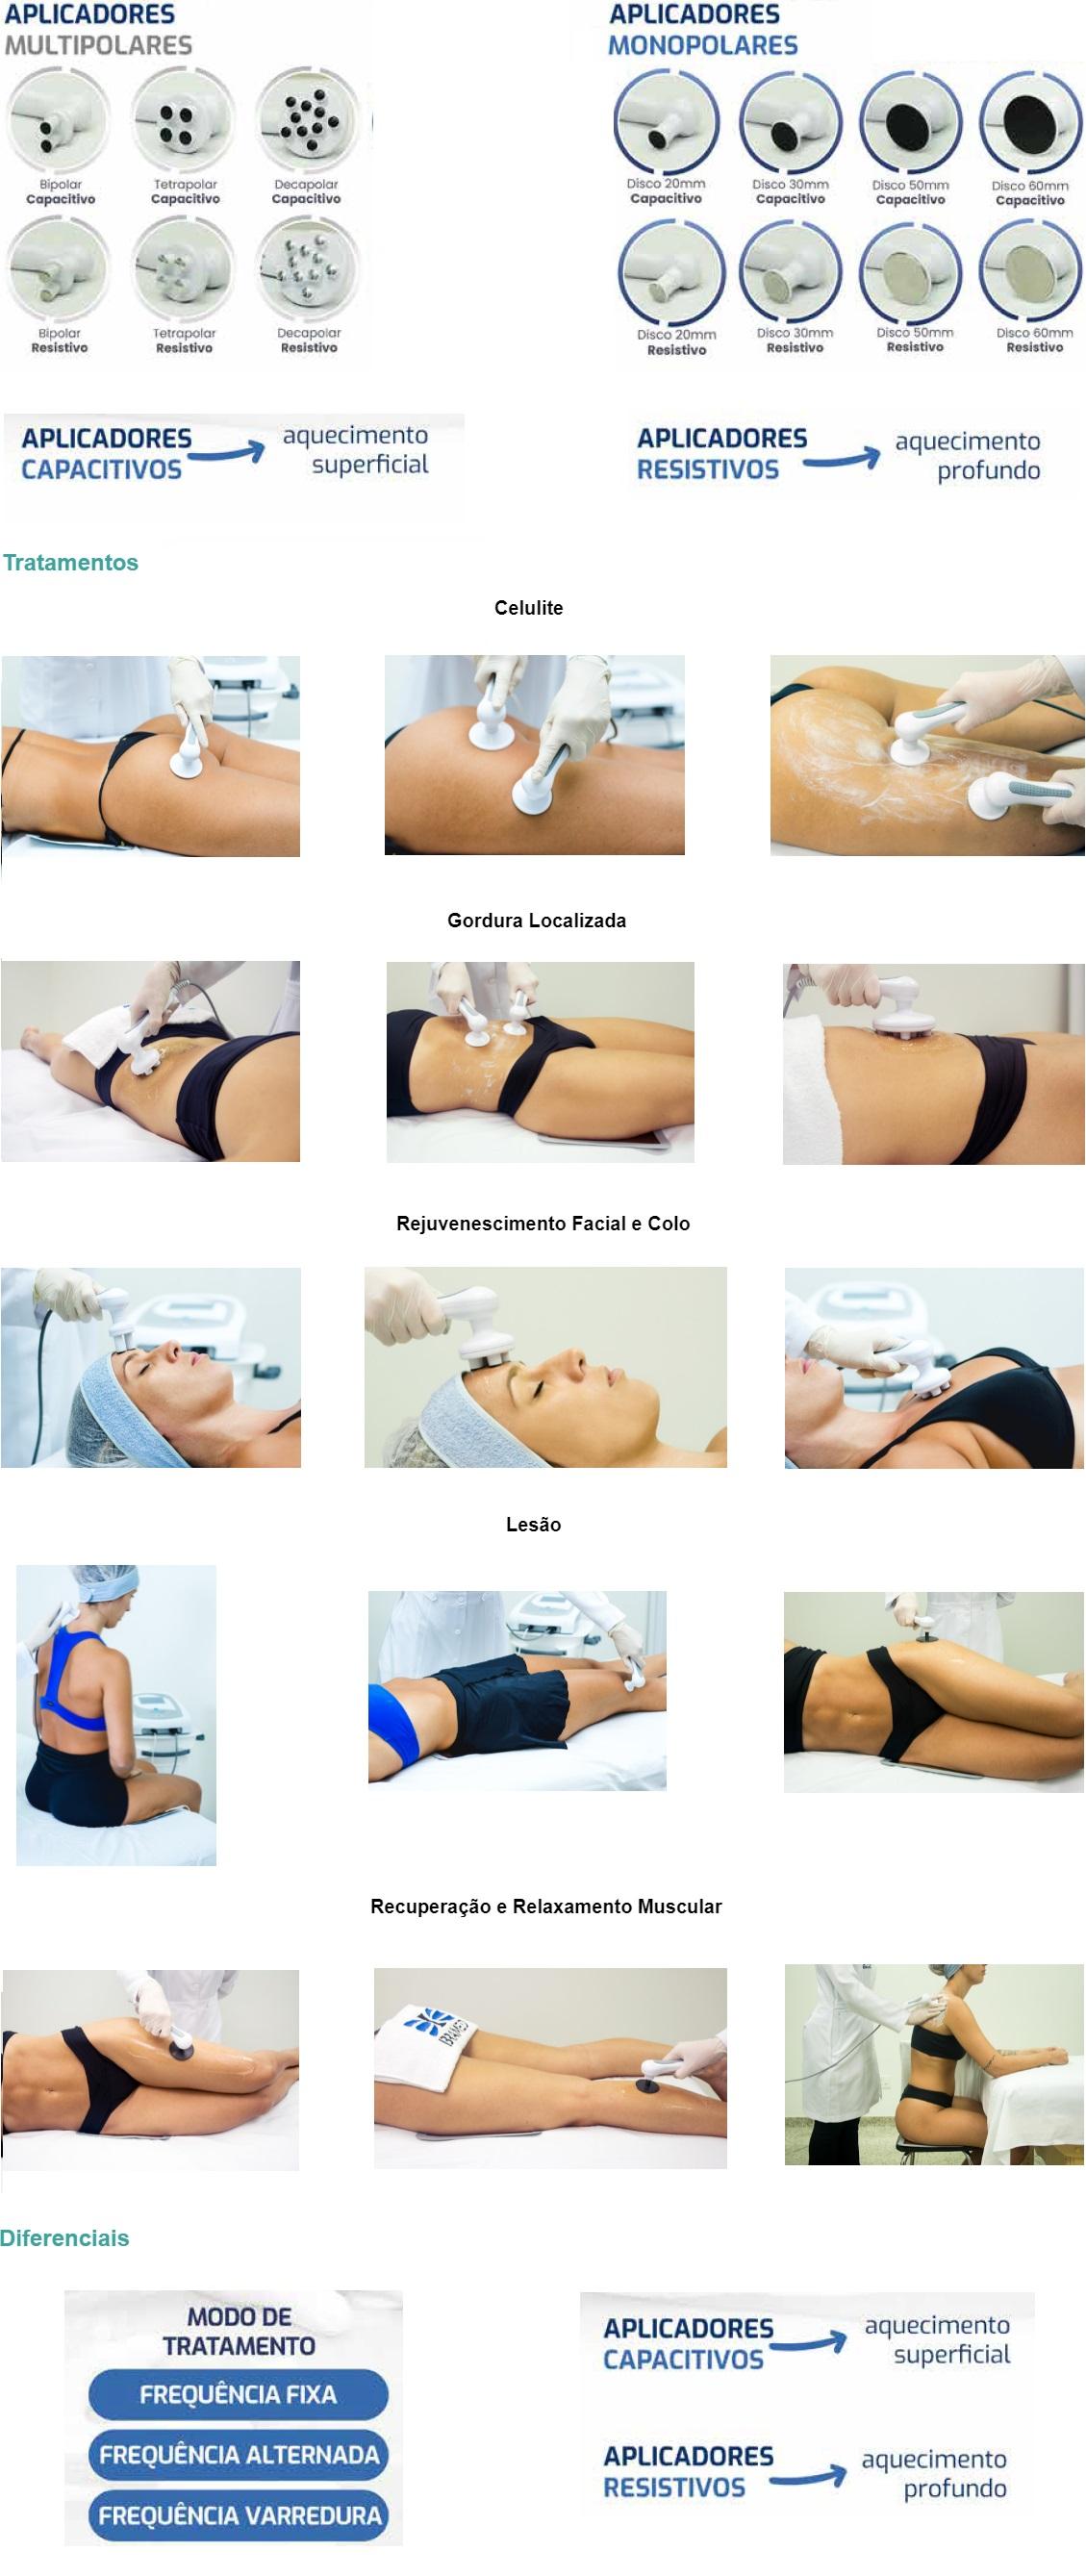 Tratamentos  Celulite Gordura Localizada   Rejuvenescimento Facial e Colo    Lesão  Recuperação e Relaxamento Muscular